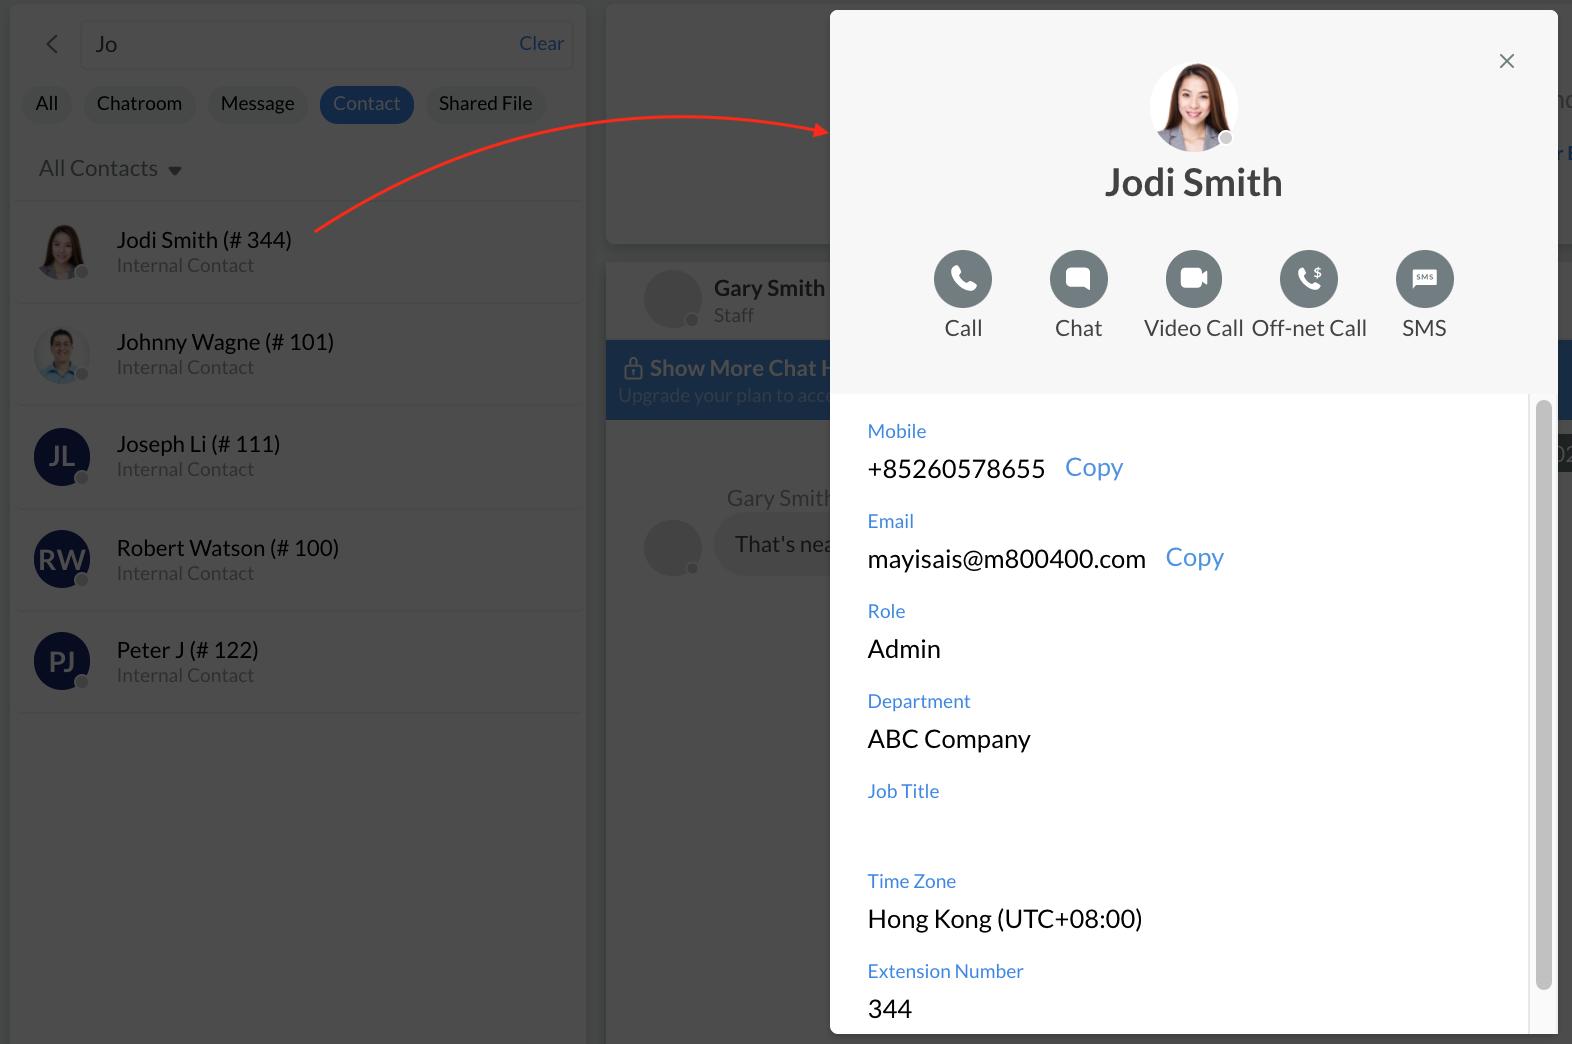 Internal (Staff) Contact Details